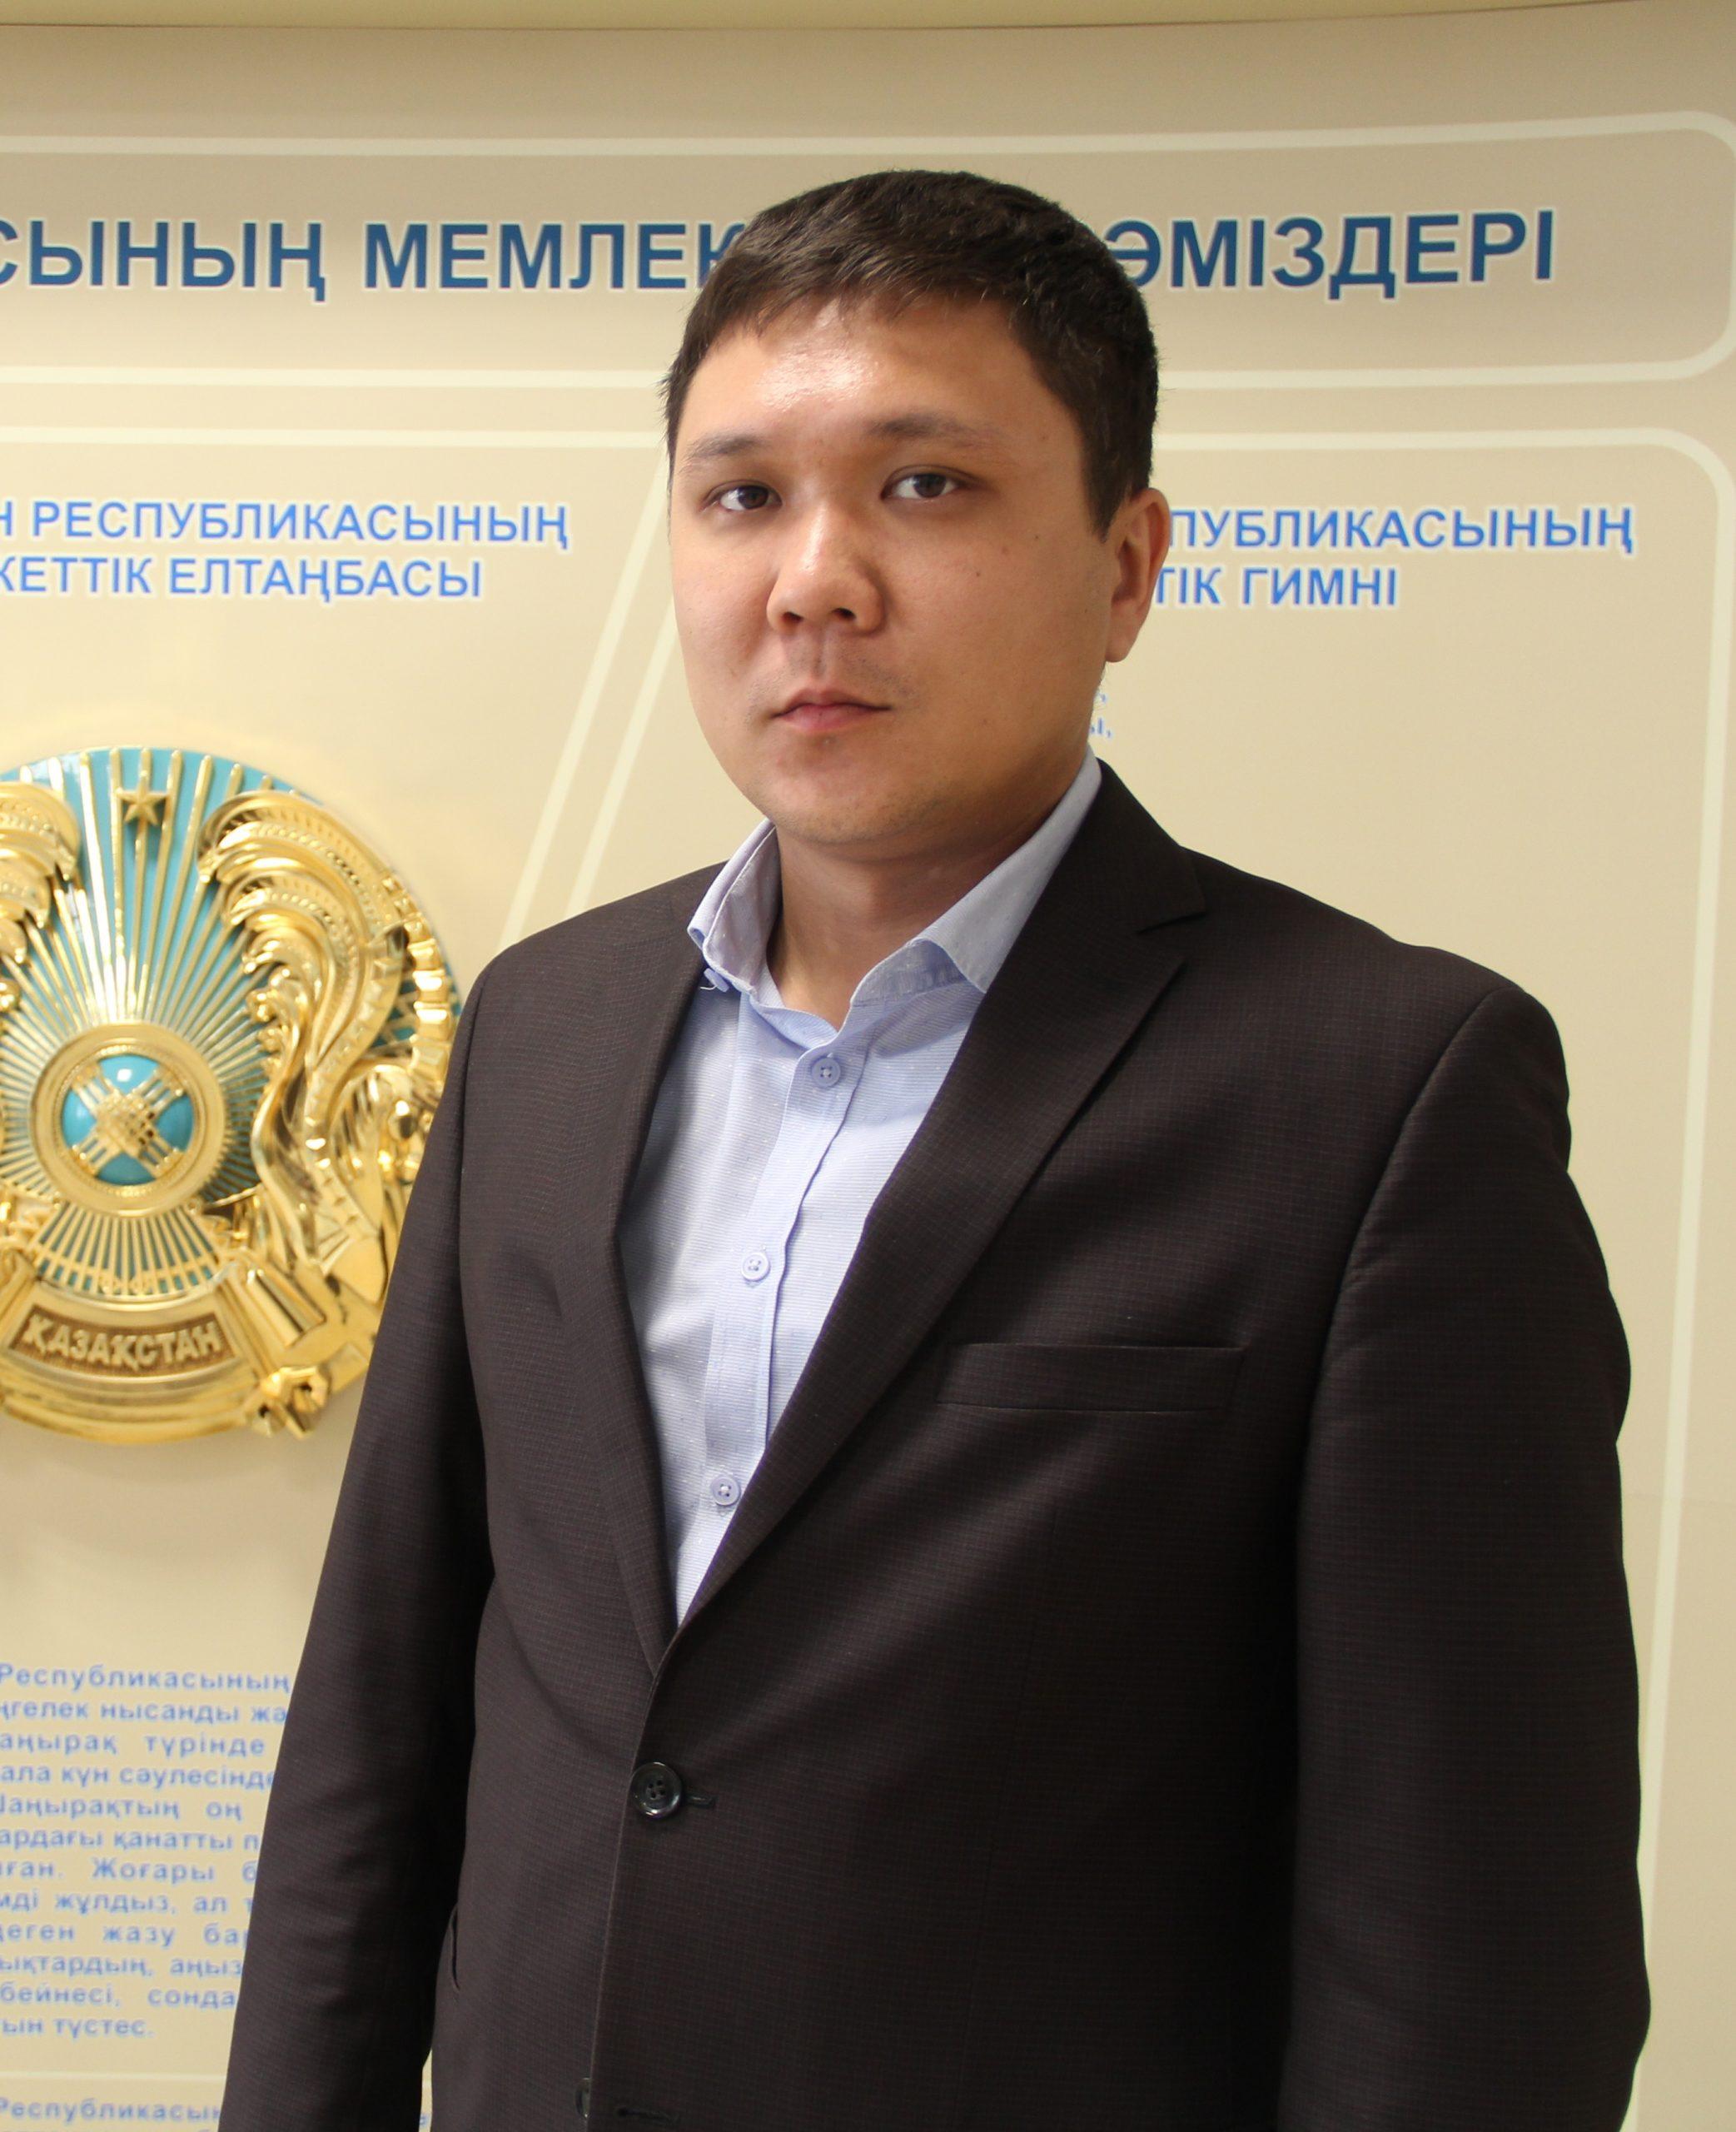 Тореханов Даулет Тореханович